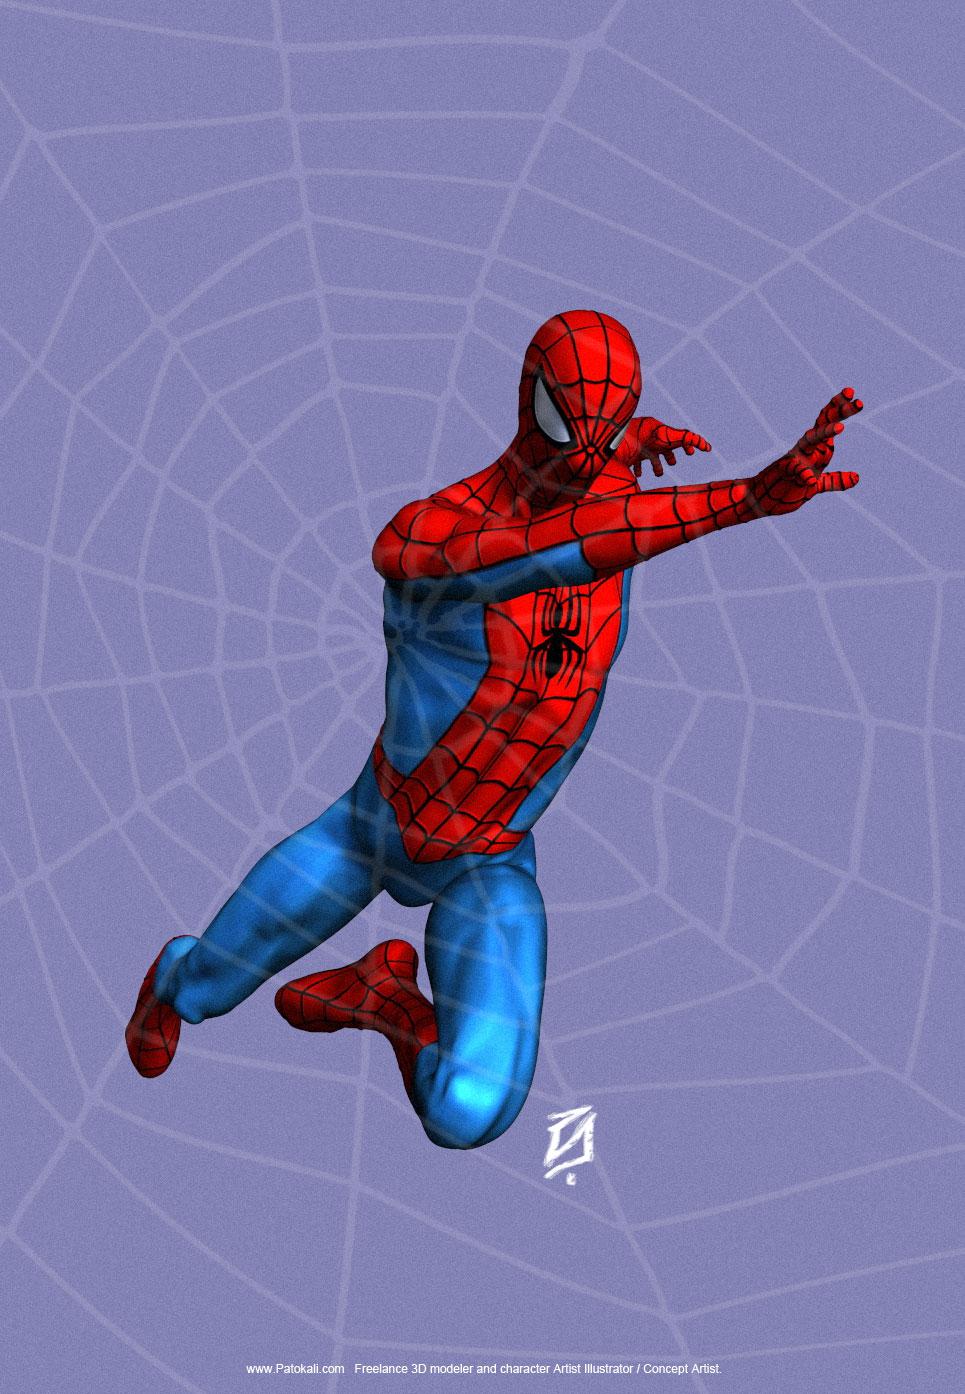 Spiderman-Patokali-KSHR by patokali